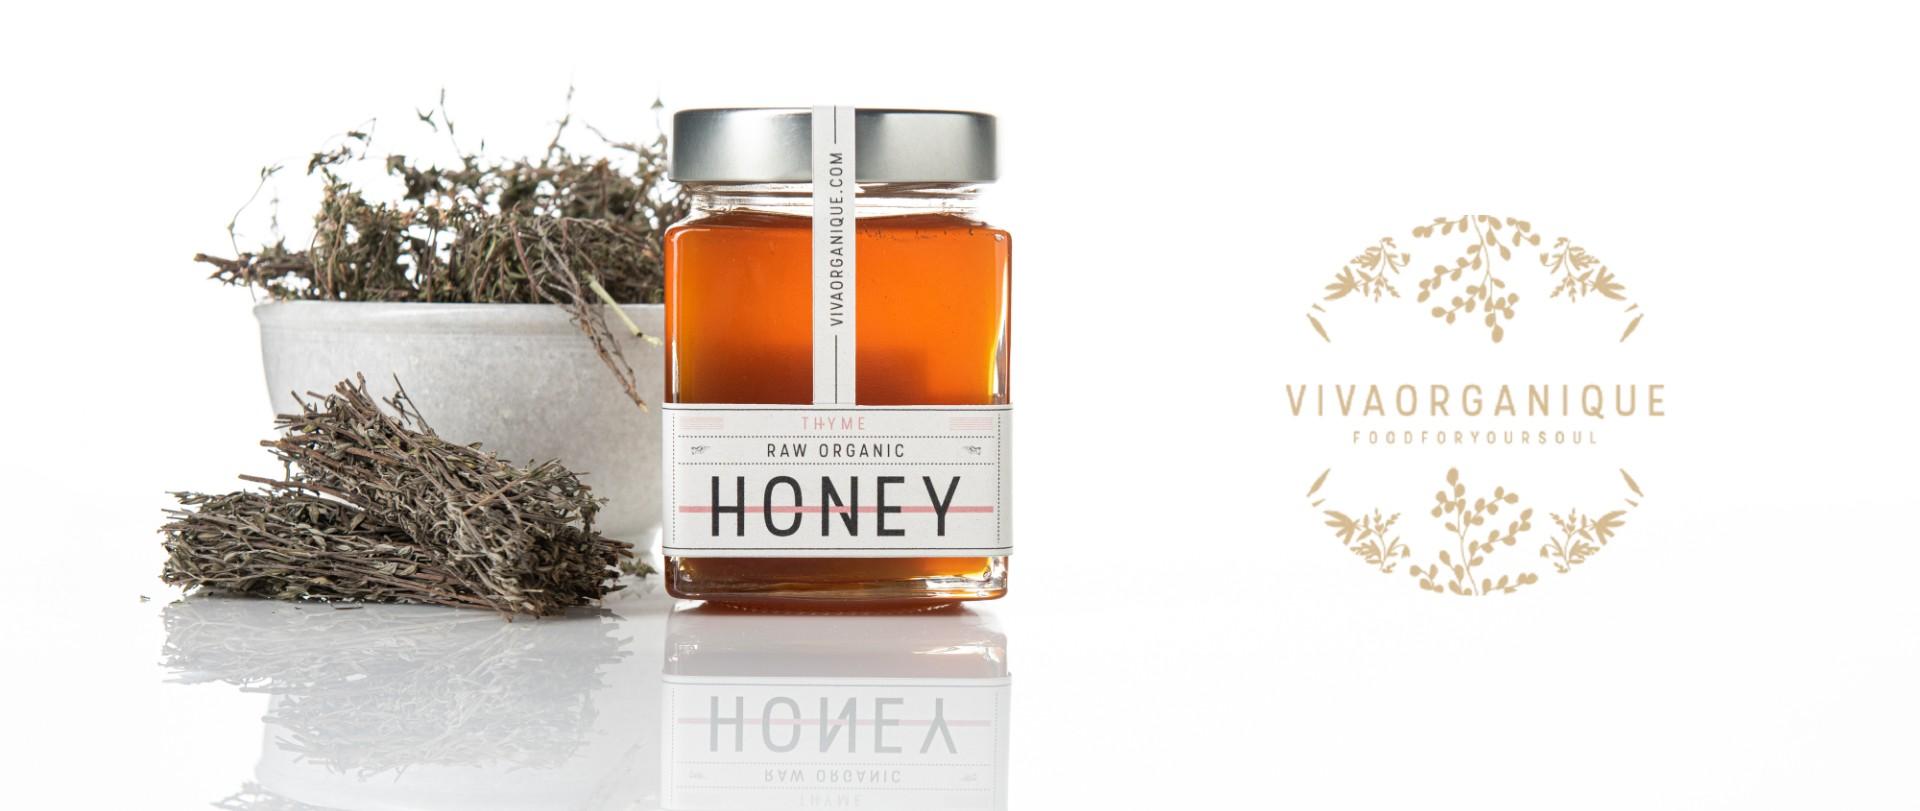 Honey Vivaorganique 2